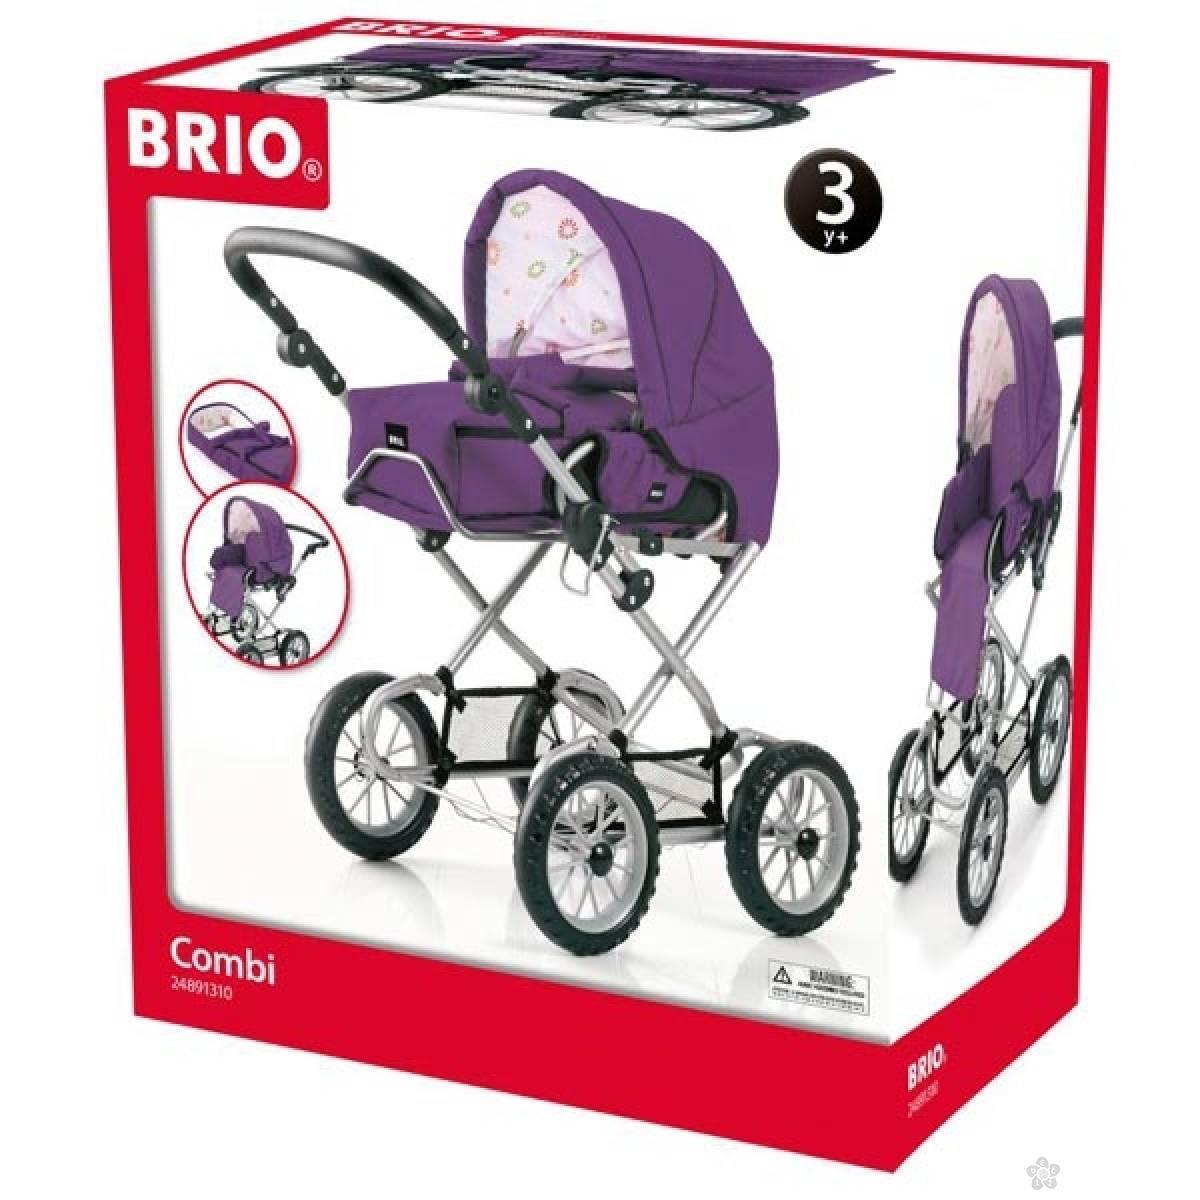 Kolica za lutke Brio - Combi- Ljubičasta BR24891310